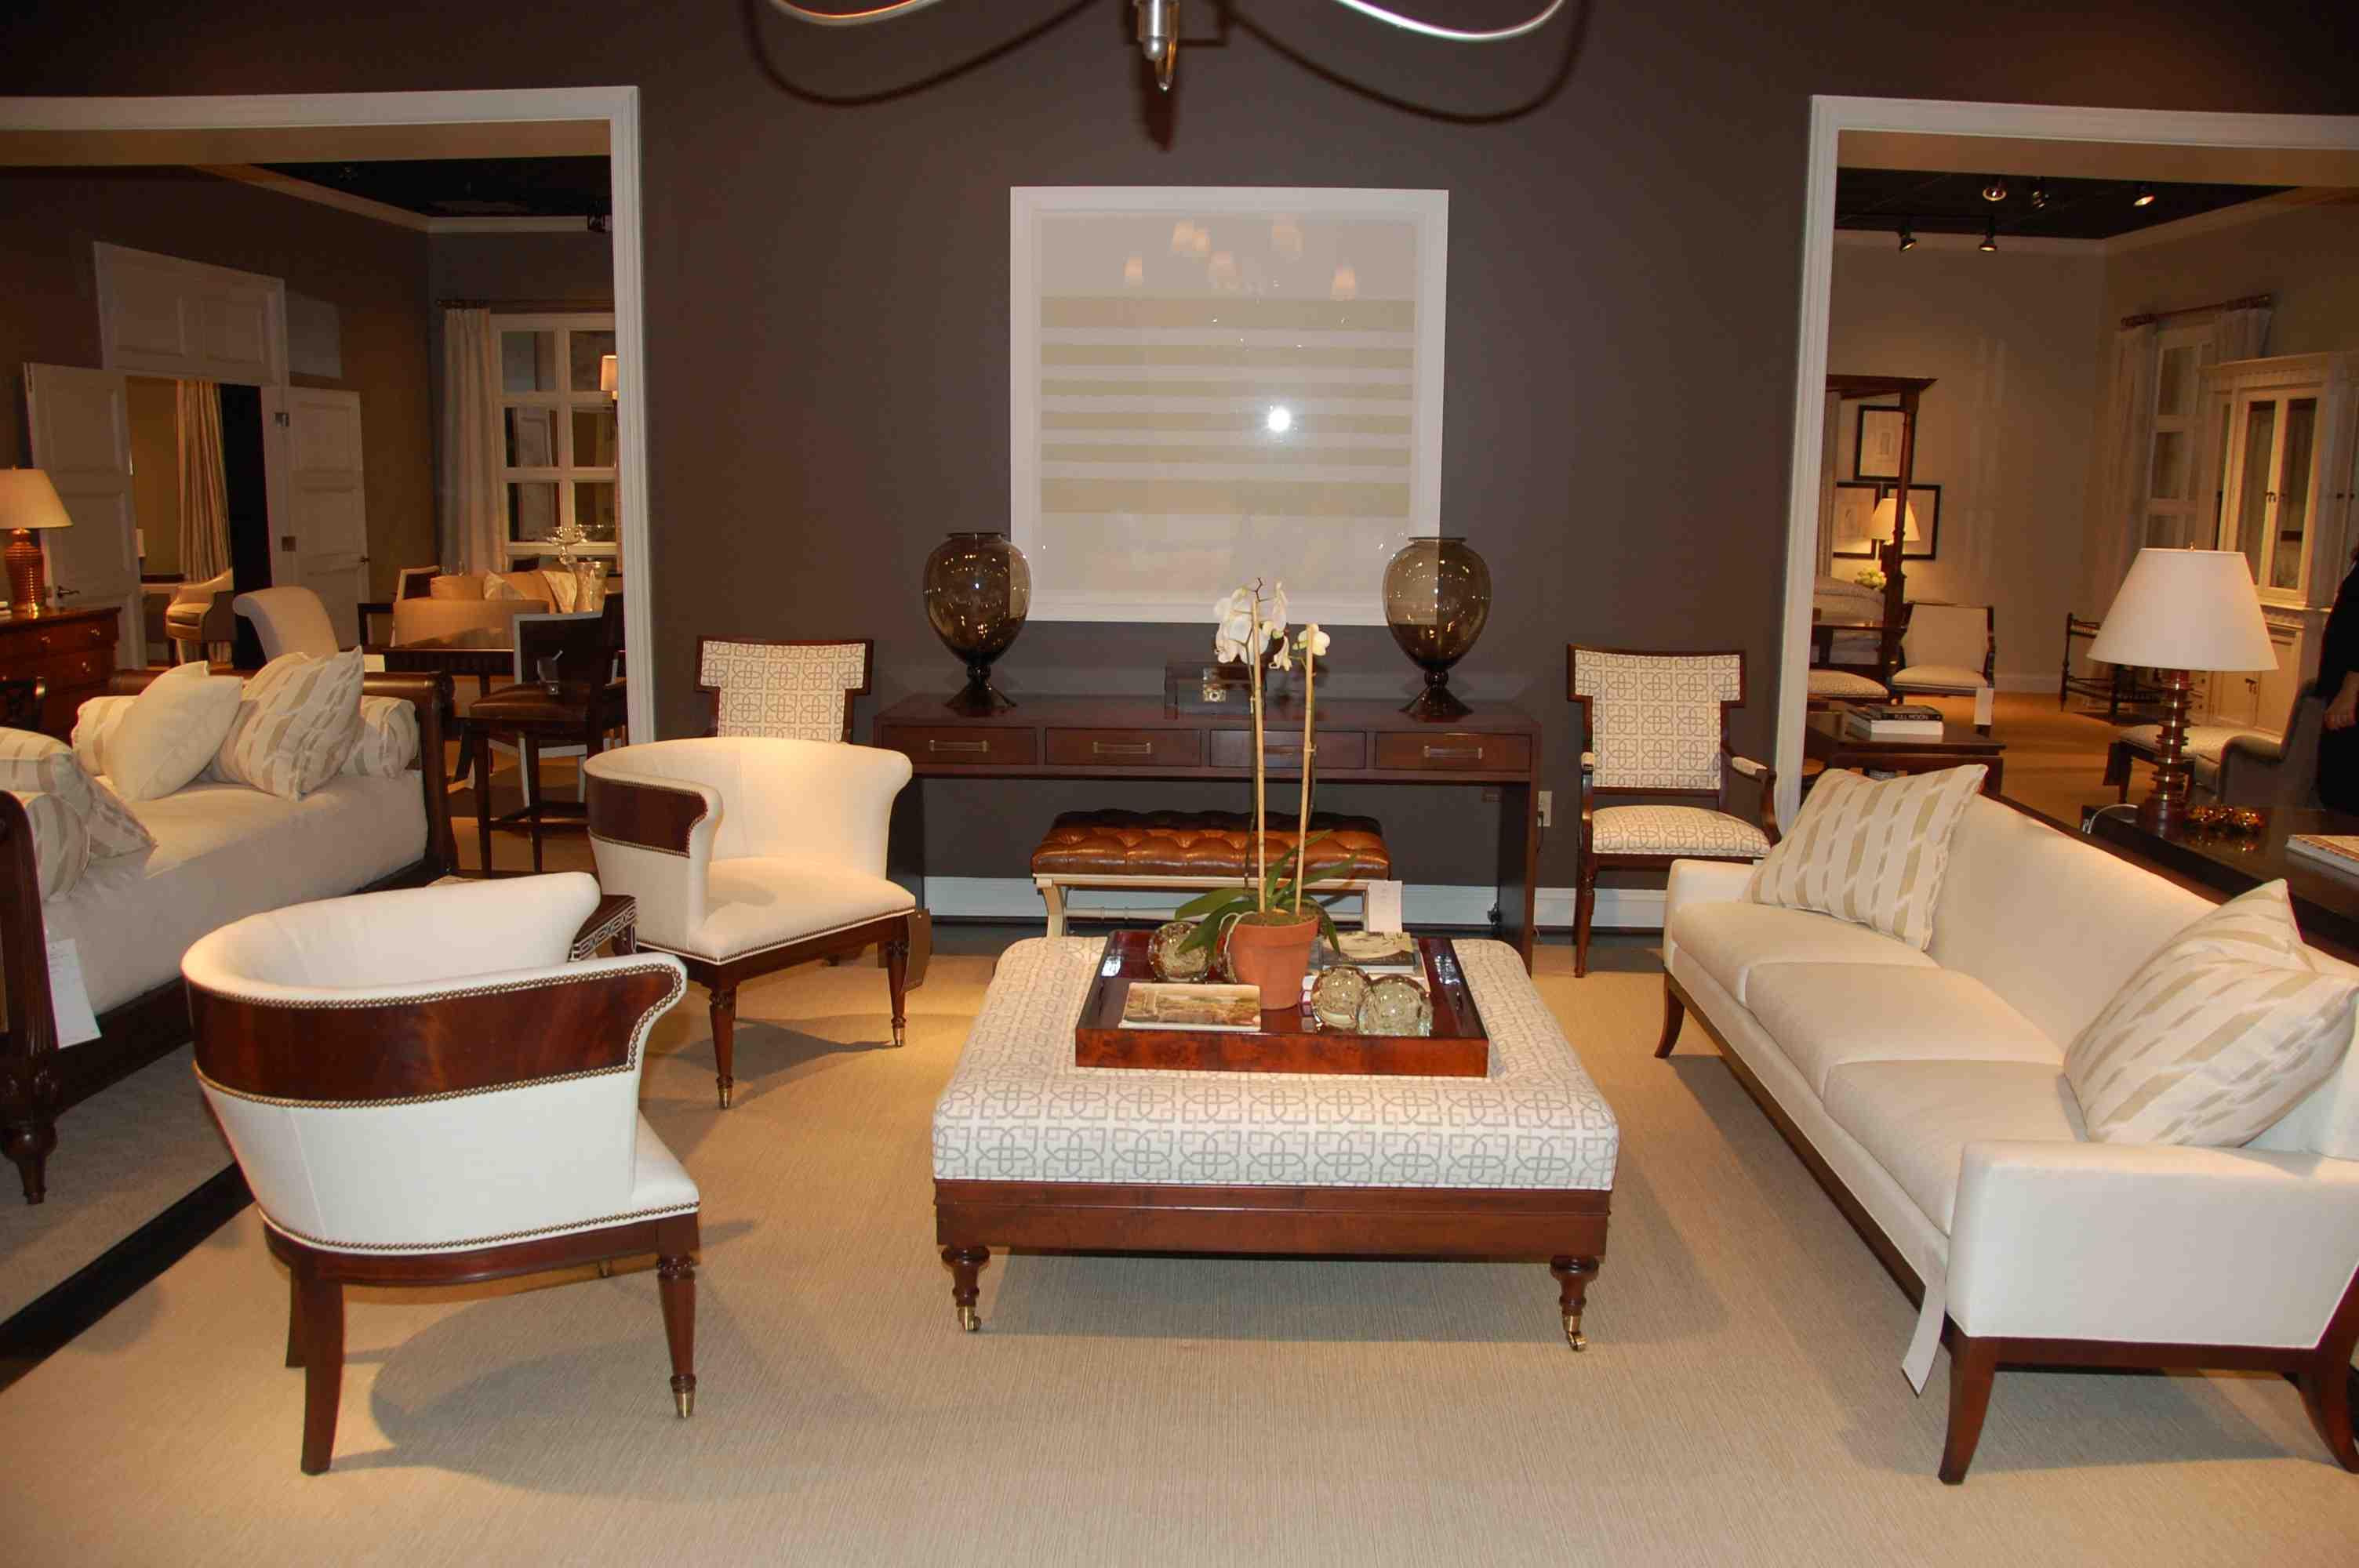 2009-10-27-Room1F.jpg